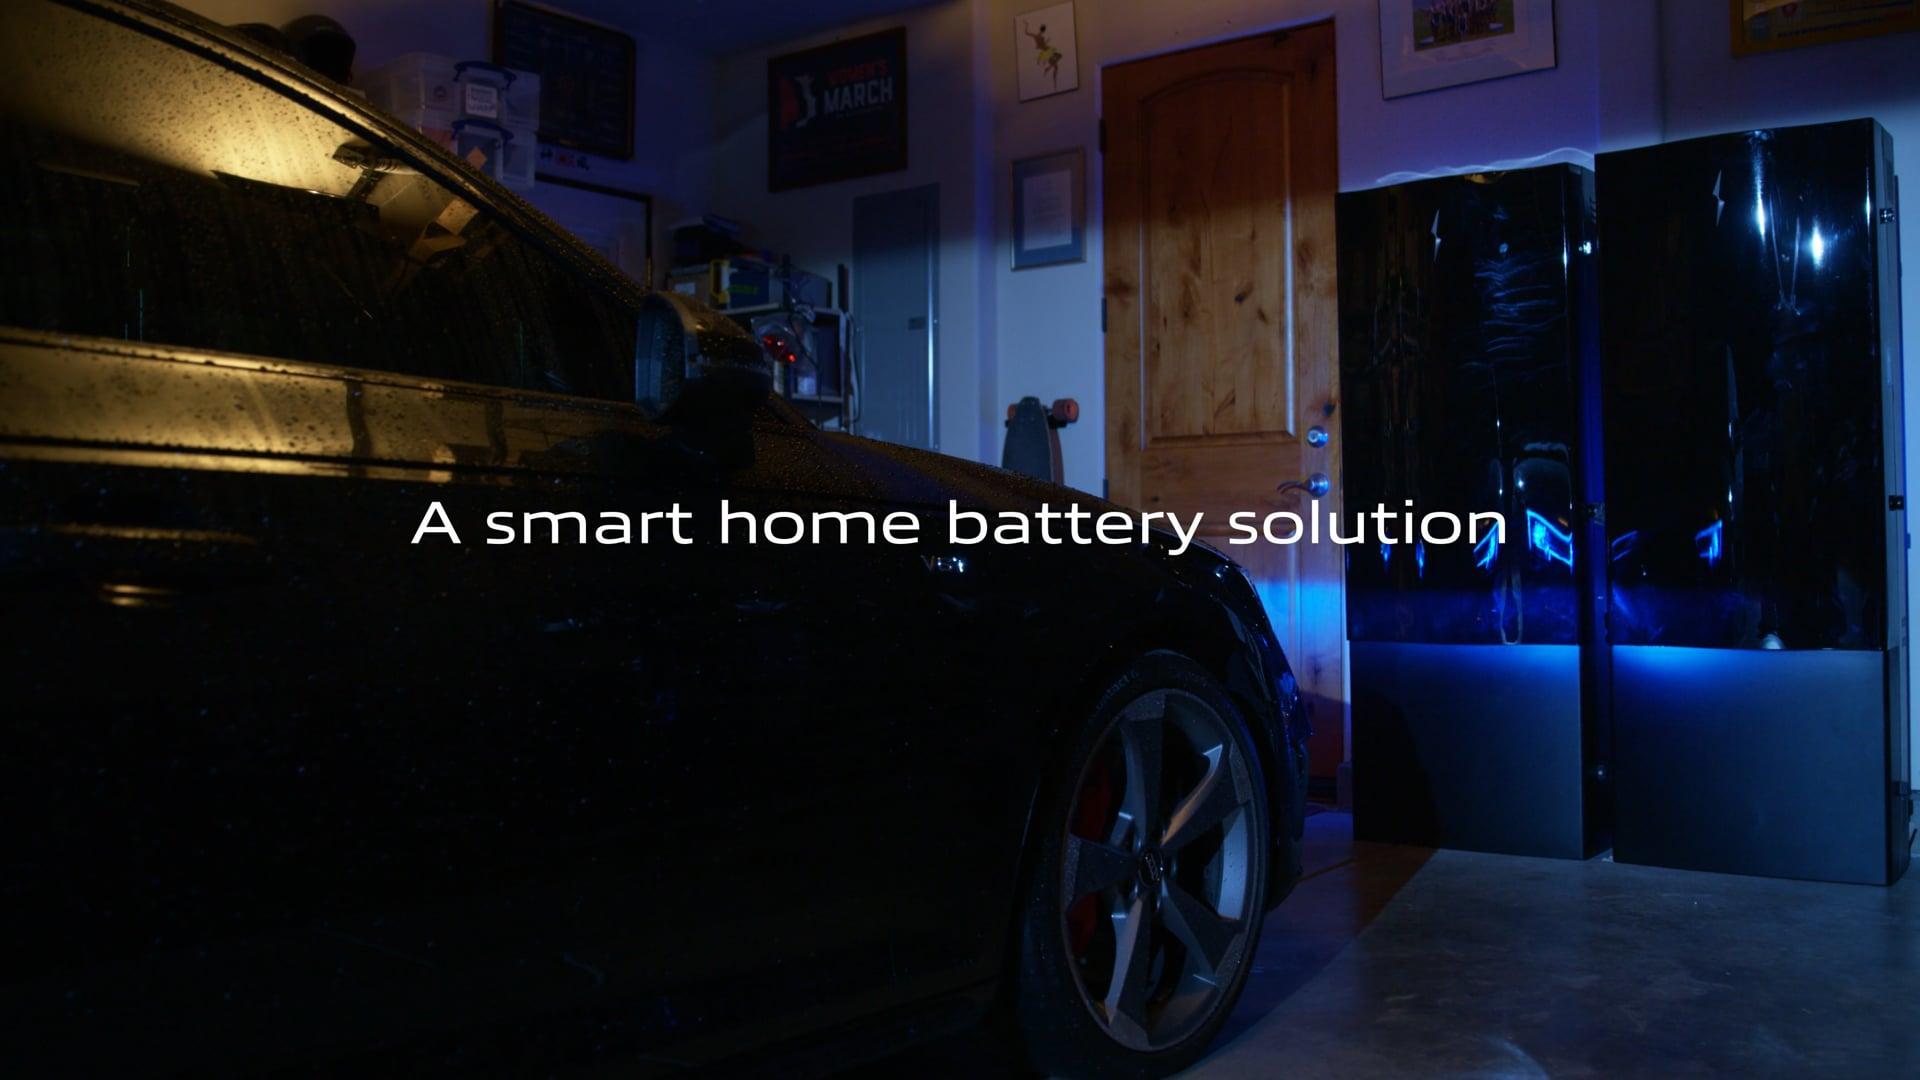 PowerPod: A Smart Home Battery Solution